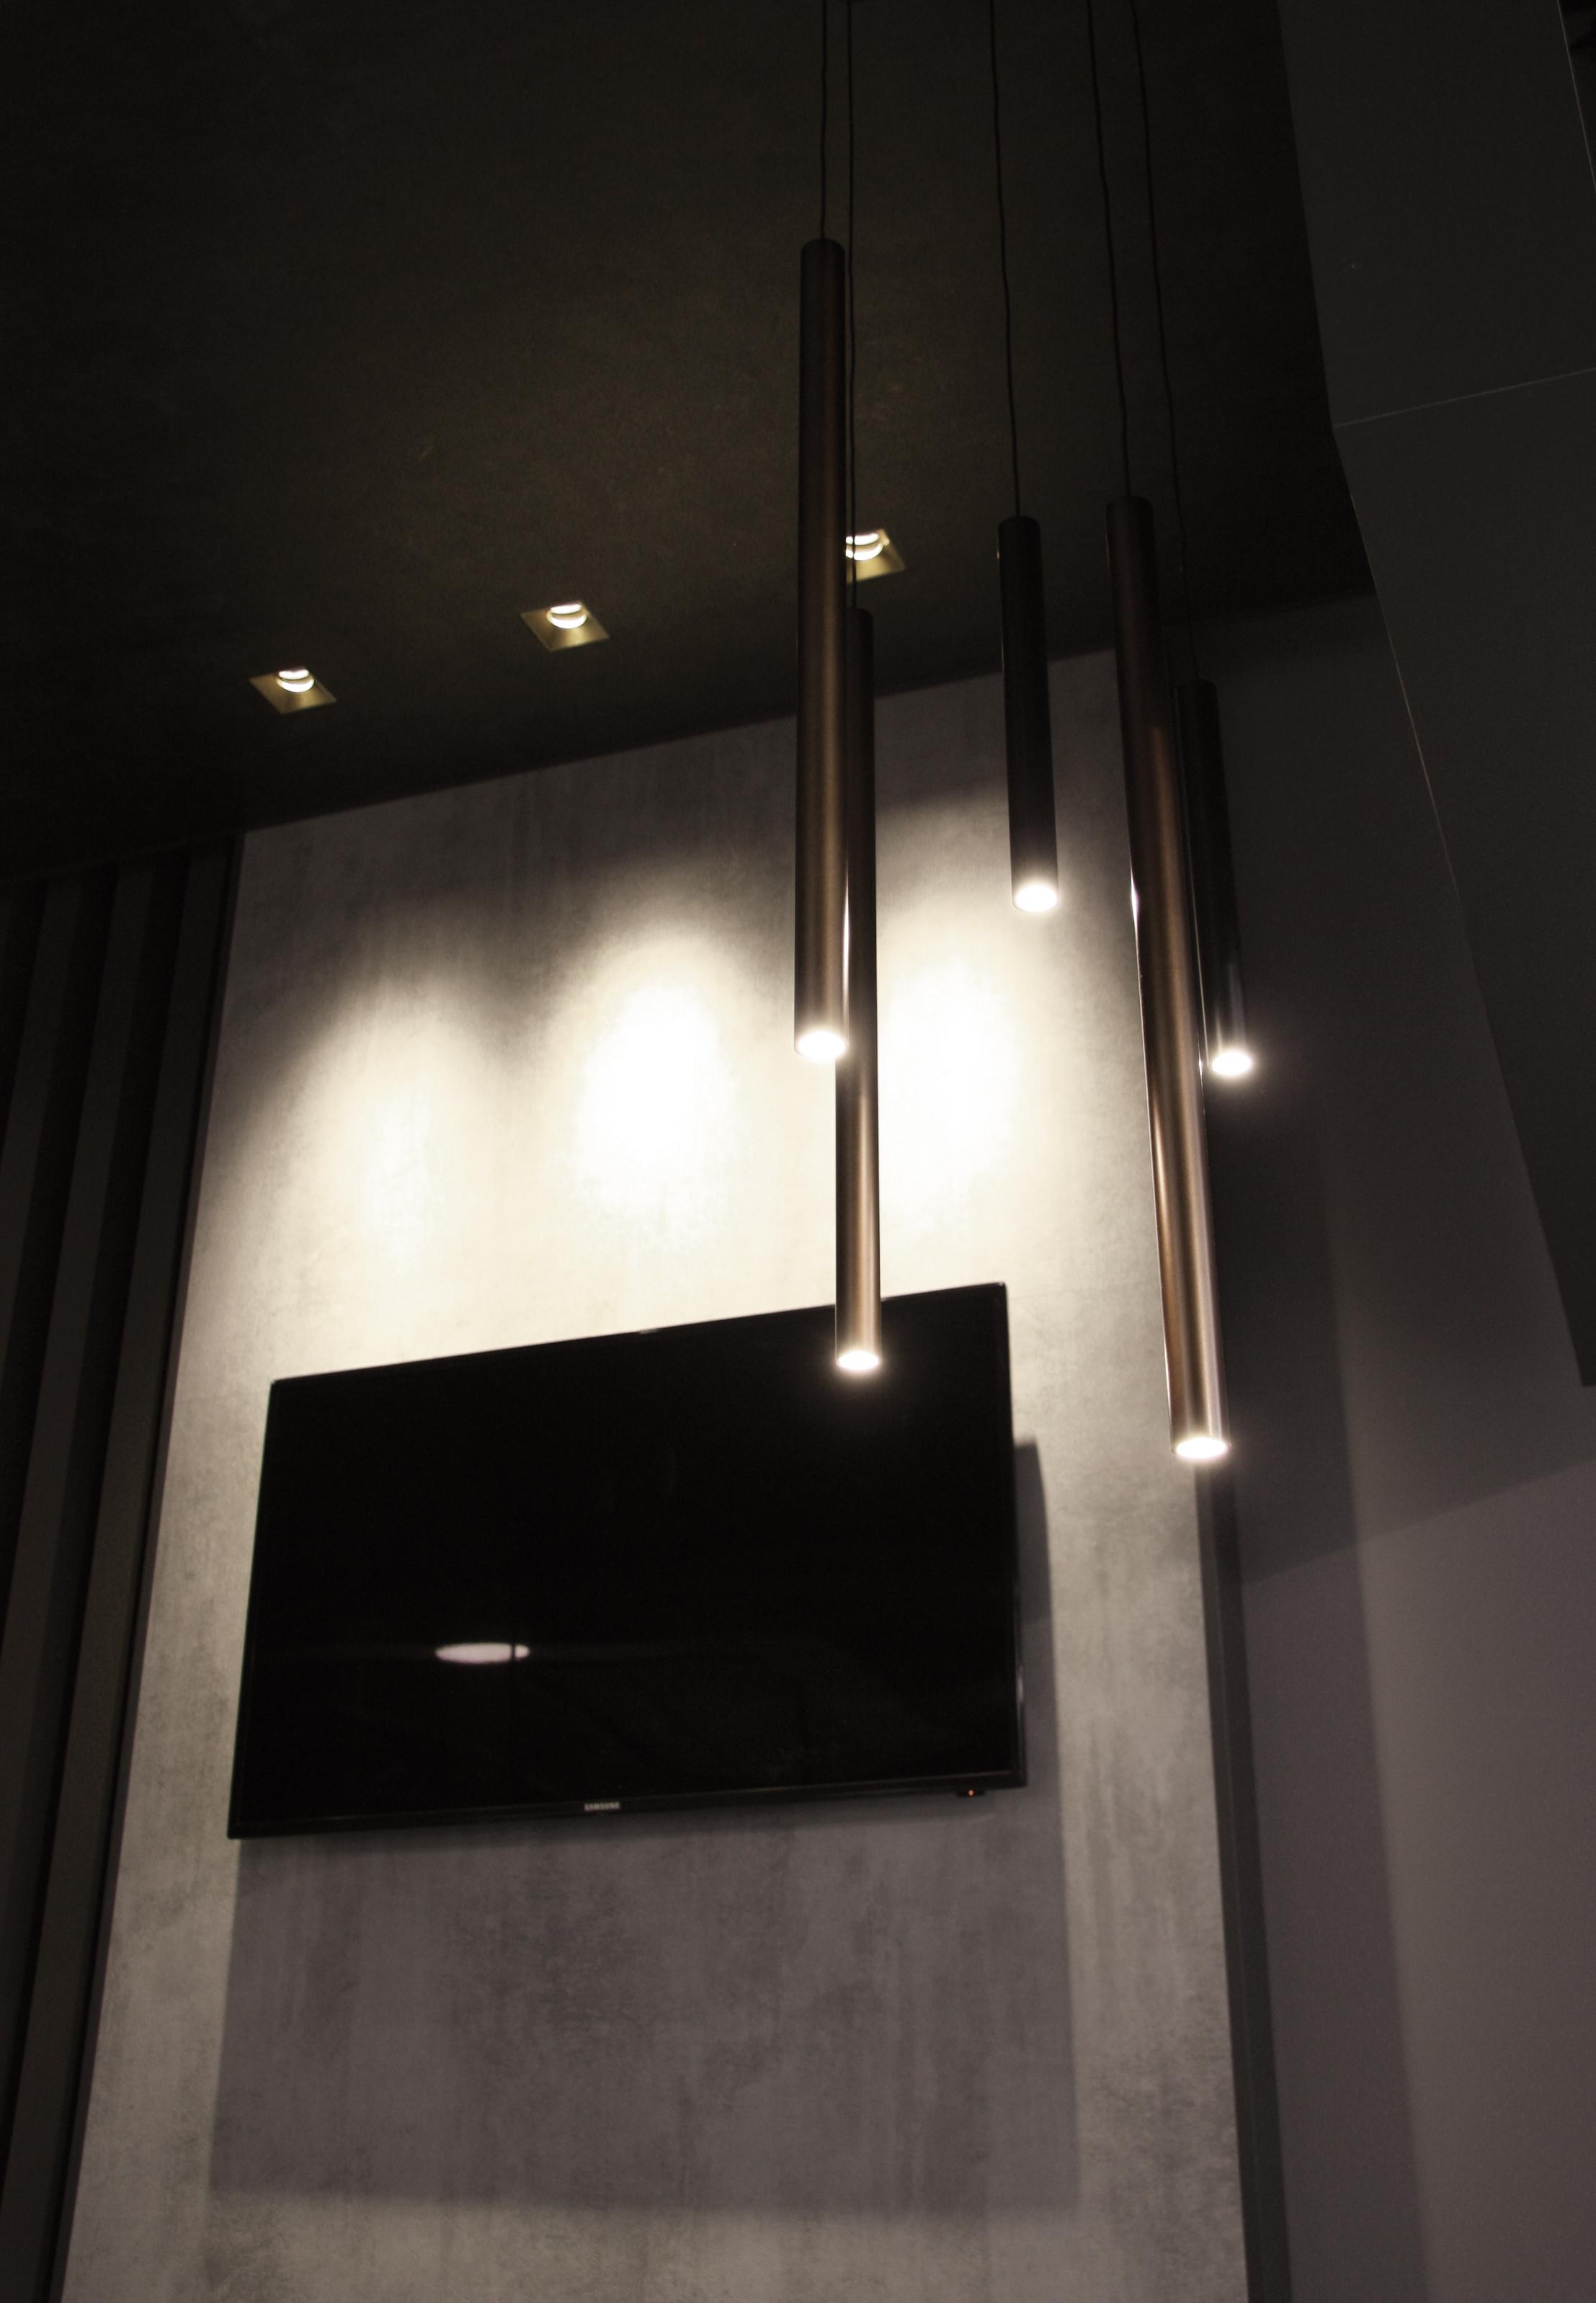 80100 nobile sistemi di illuminazione a led for Sistemi di illuminazione led